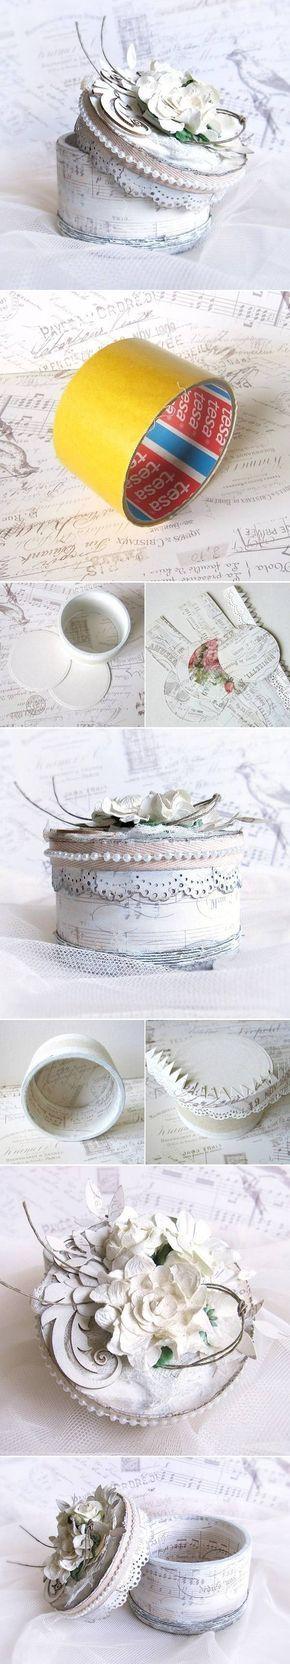 Caja joyero hecha con el cartón de la cinta de embalar.